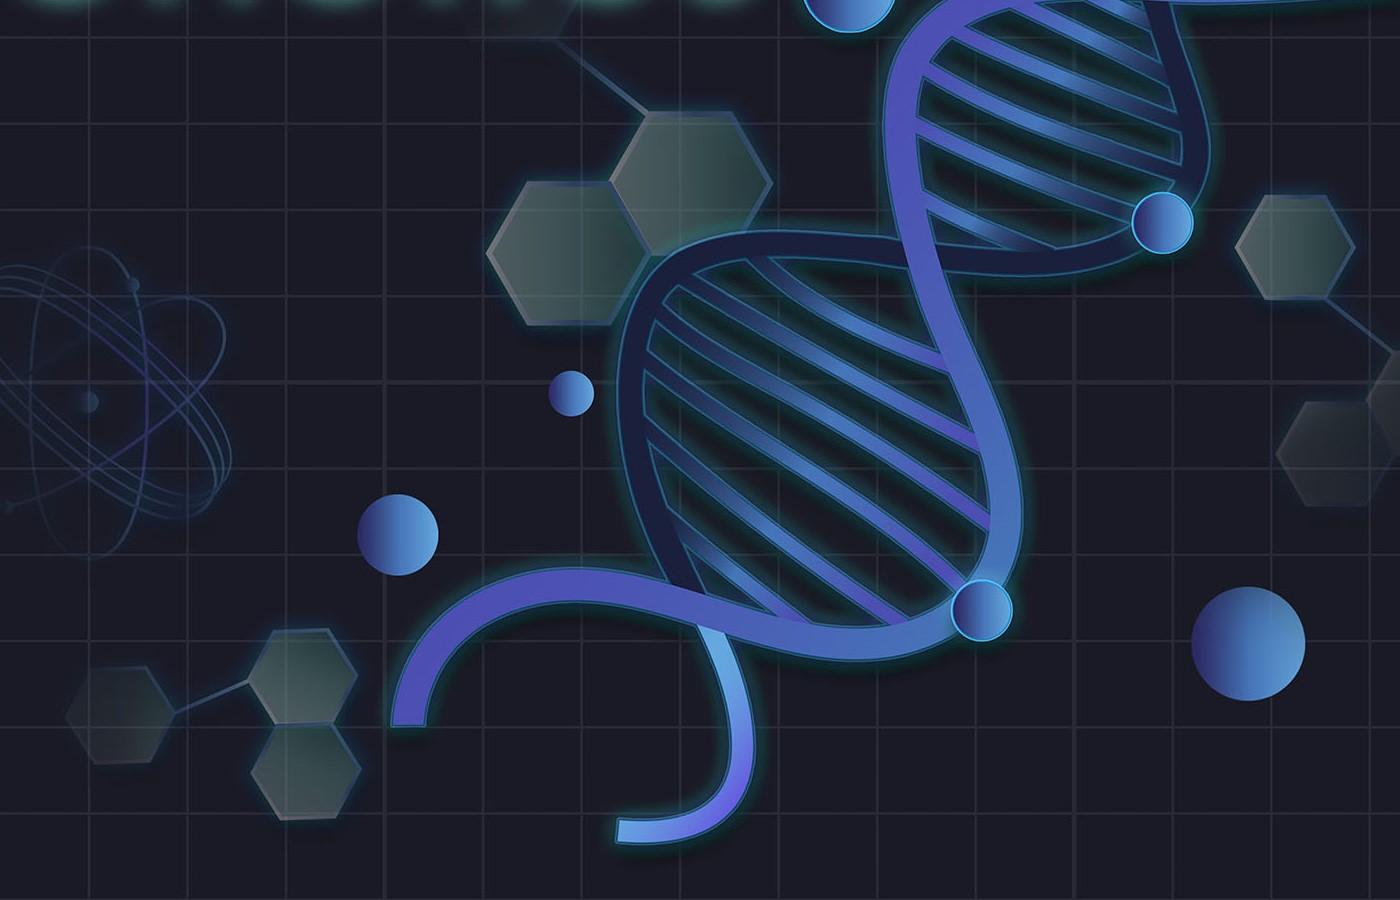 Double helix image